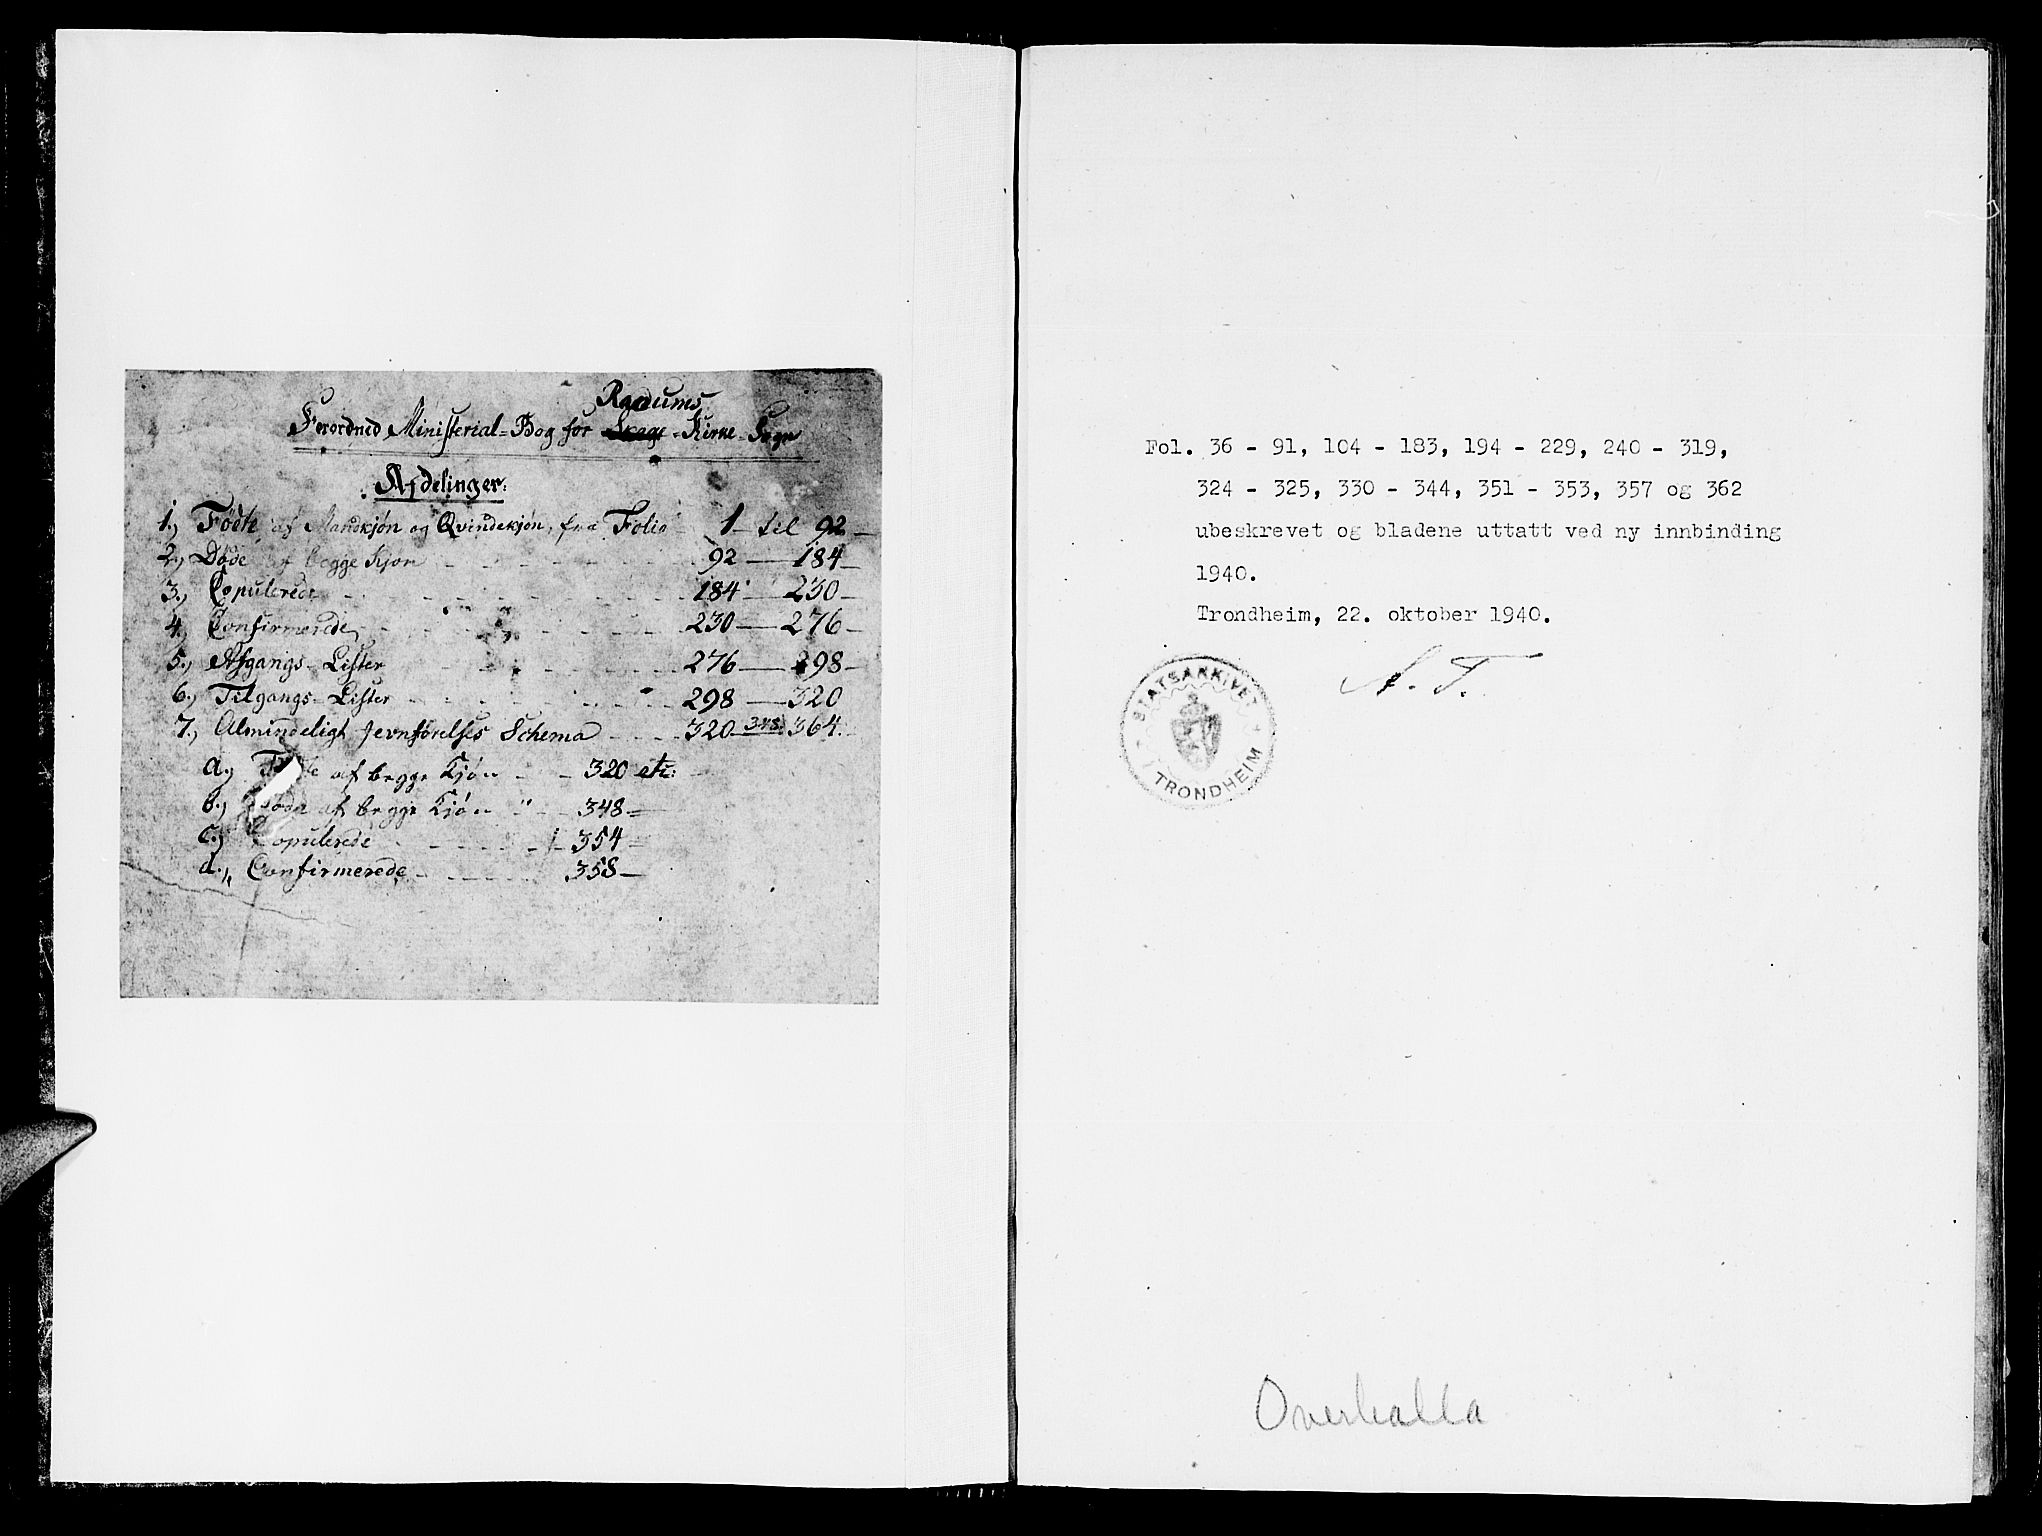 SAT, Ministerialprotokoller, klokkerbøker og fødselsregistre - Nord-Trøndelag, 764/L0559: Klokkerbok nr. 764C01, 1816-1824